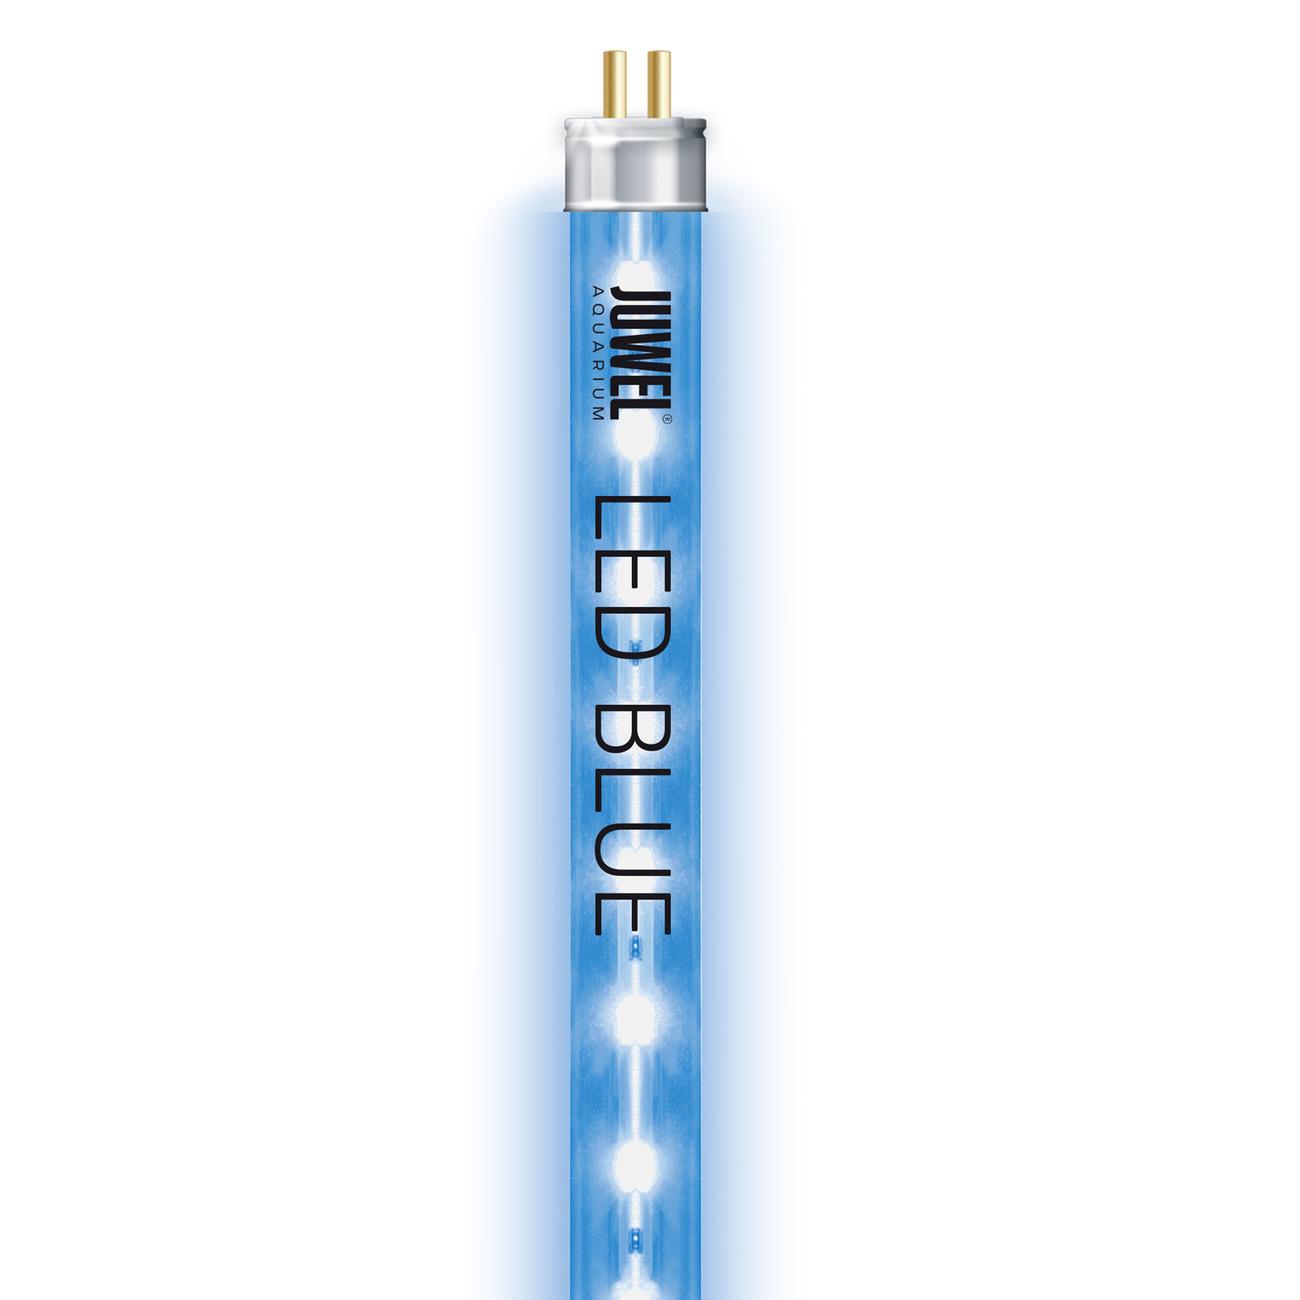 Juwel MultiLux Blue LED Röhre Leuchtmittel, Bild 2